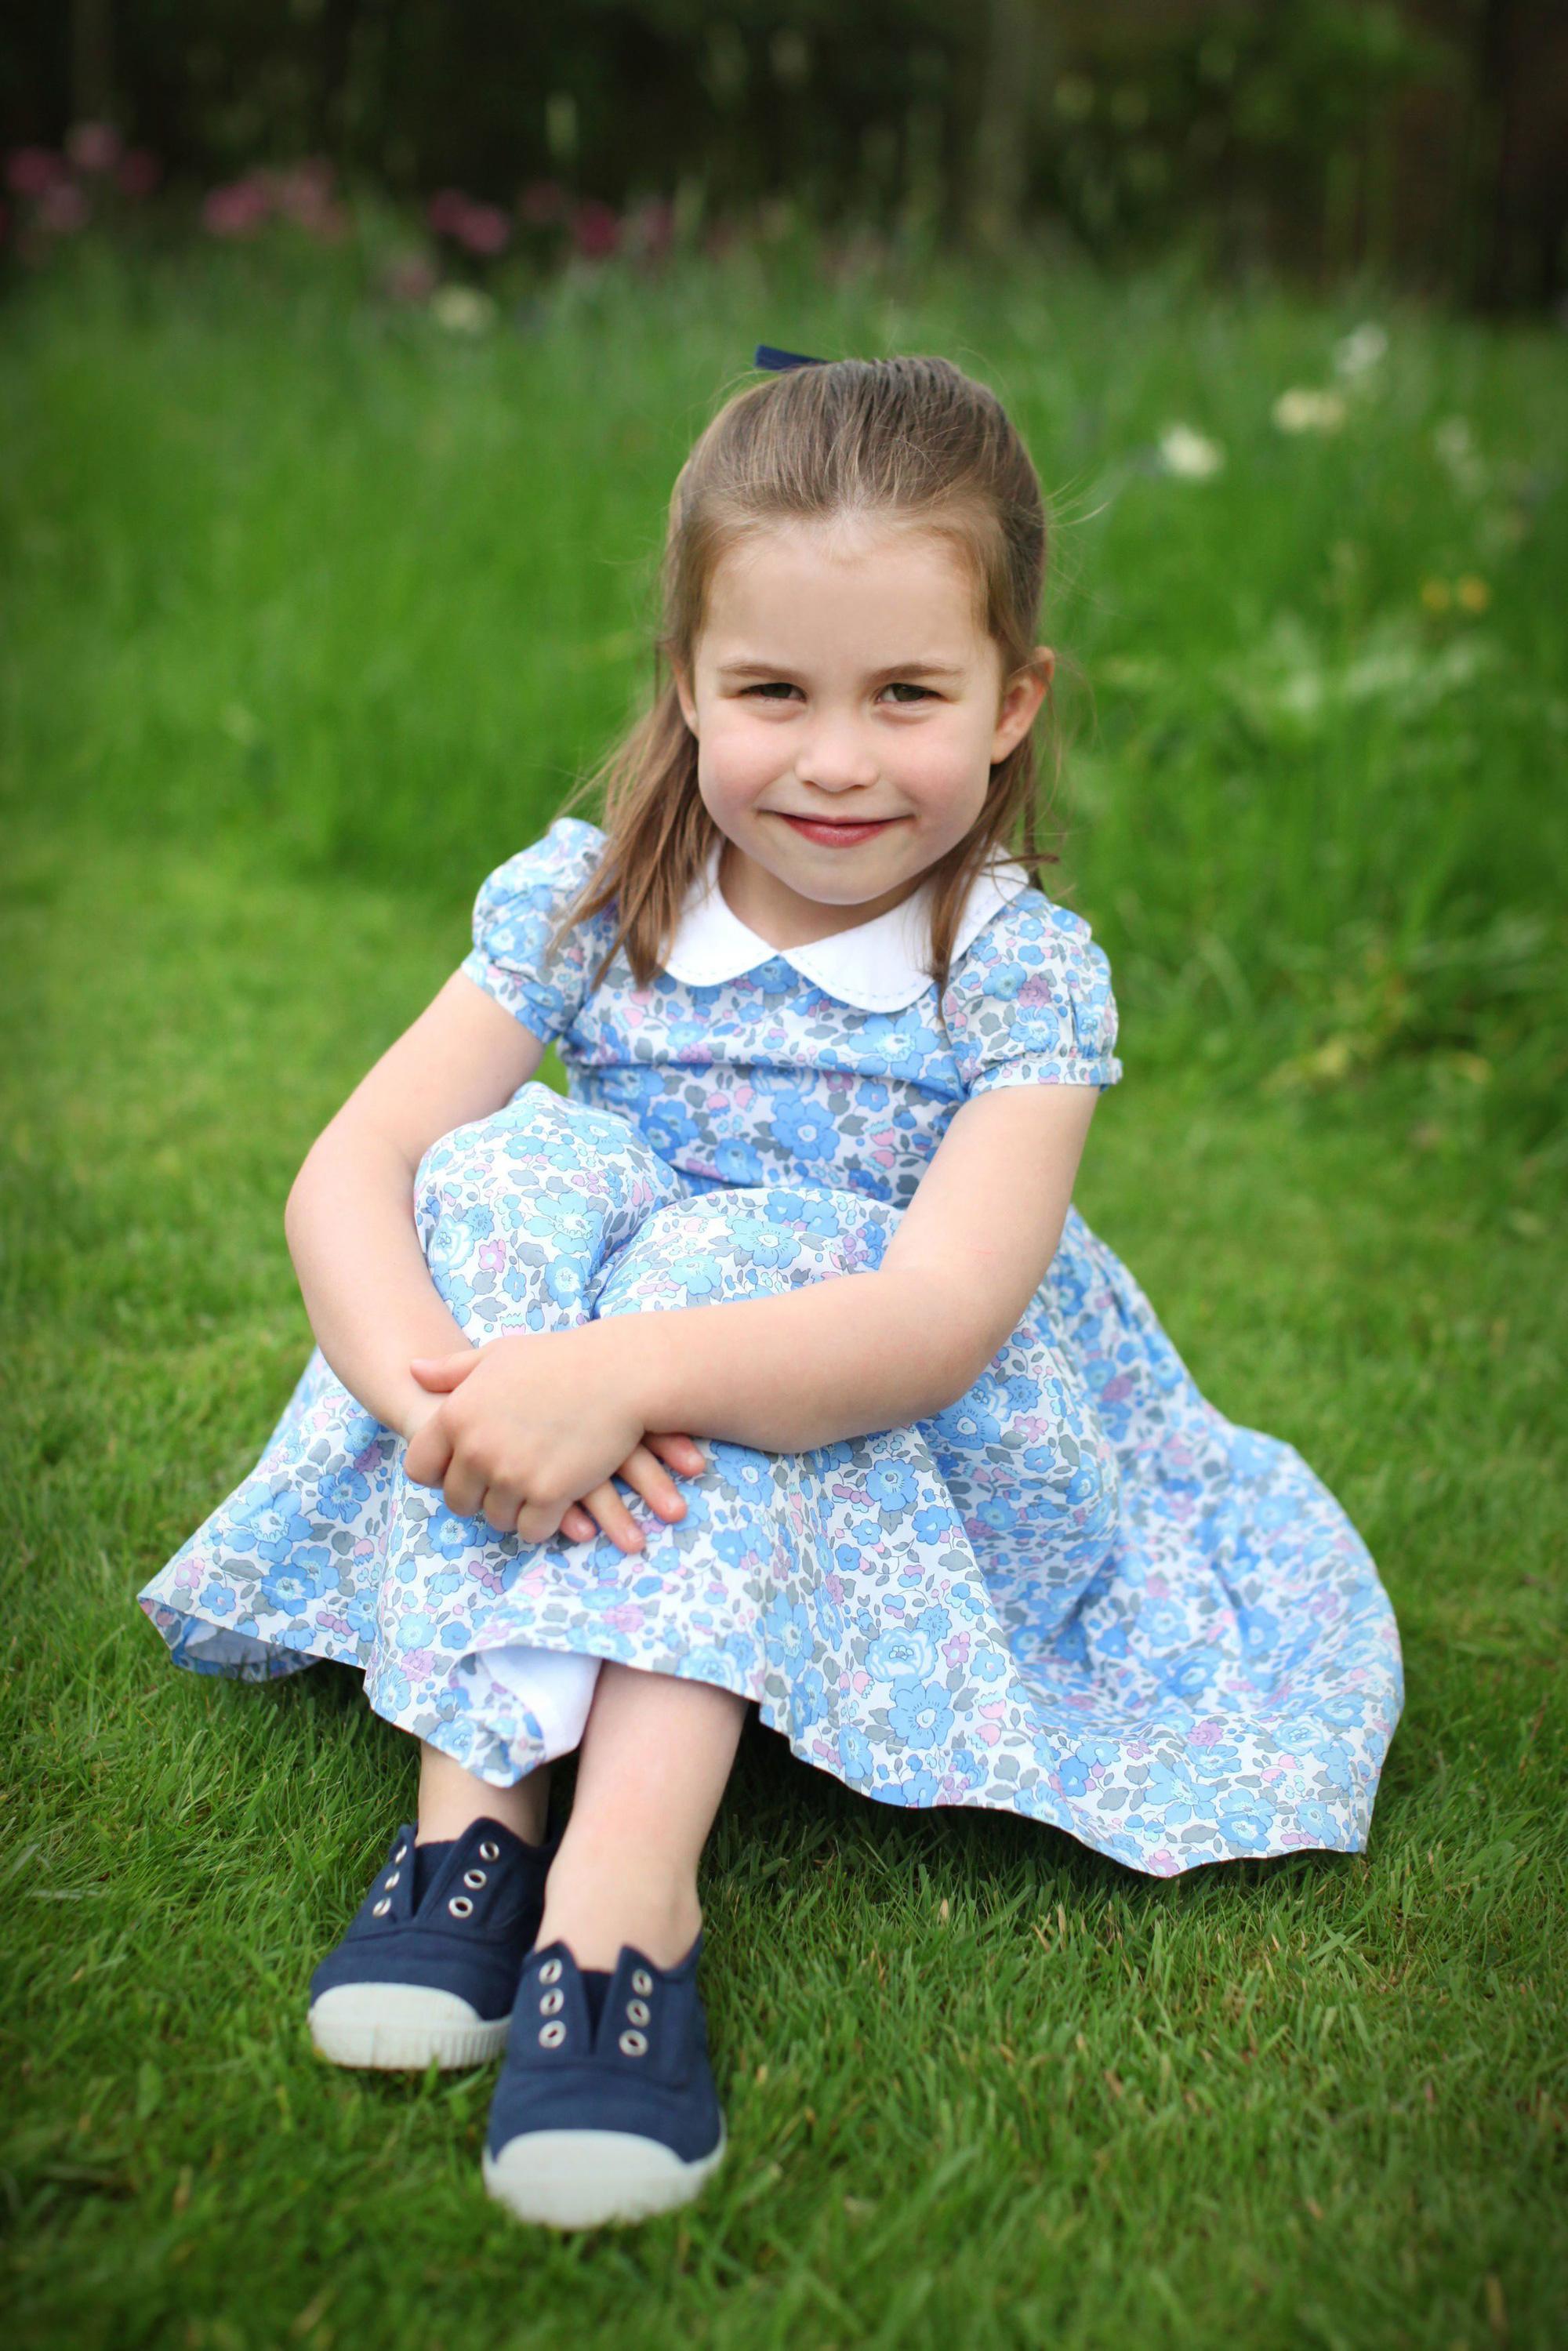 Công chúa Charlotte càng lớn càng xinh như búp bê, tóc mây bồng bềnh khiến ai cũng ghen tị - Ảnh 5.